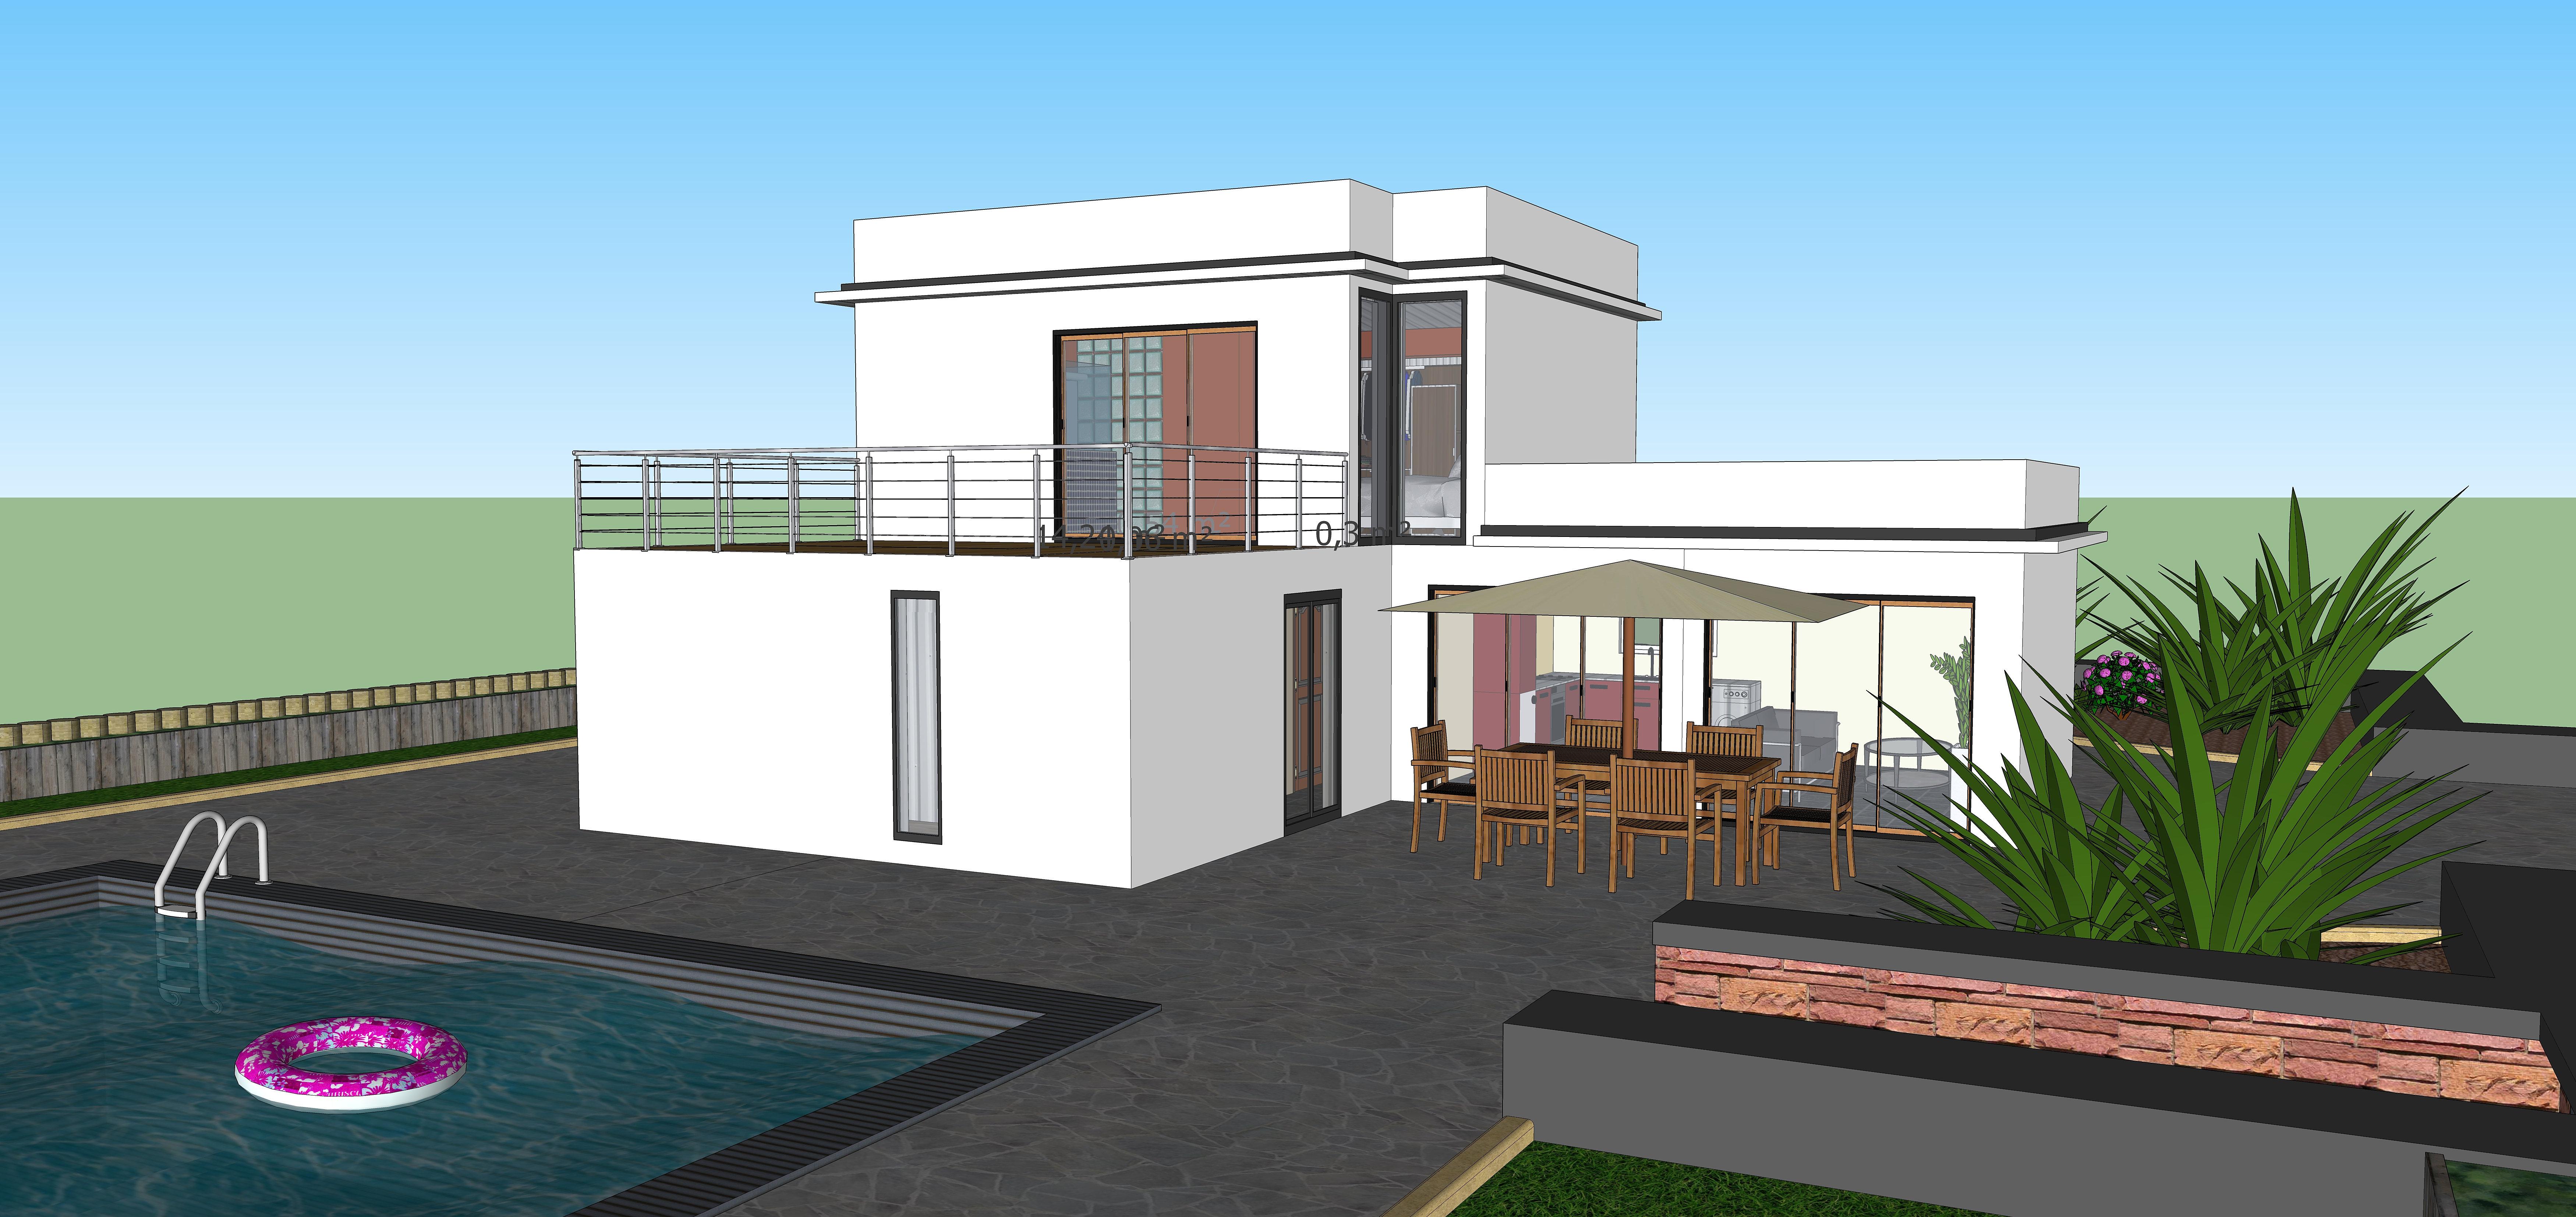 Constructeur maison individuelle reunion maison moderne for Constructeur maison moderne reunion